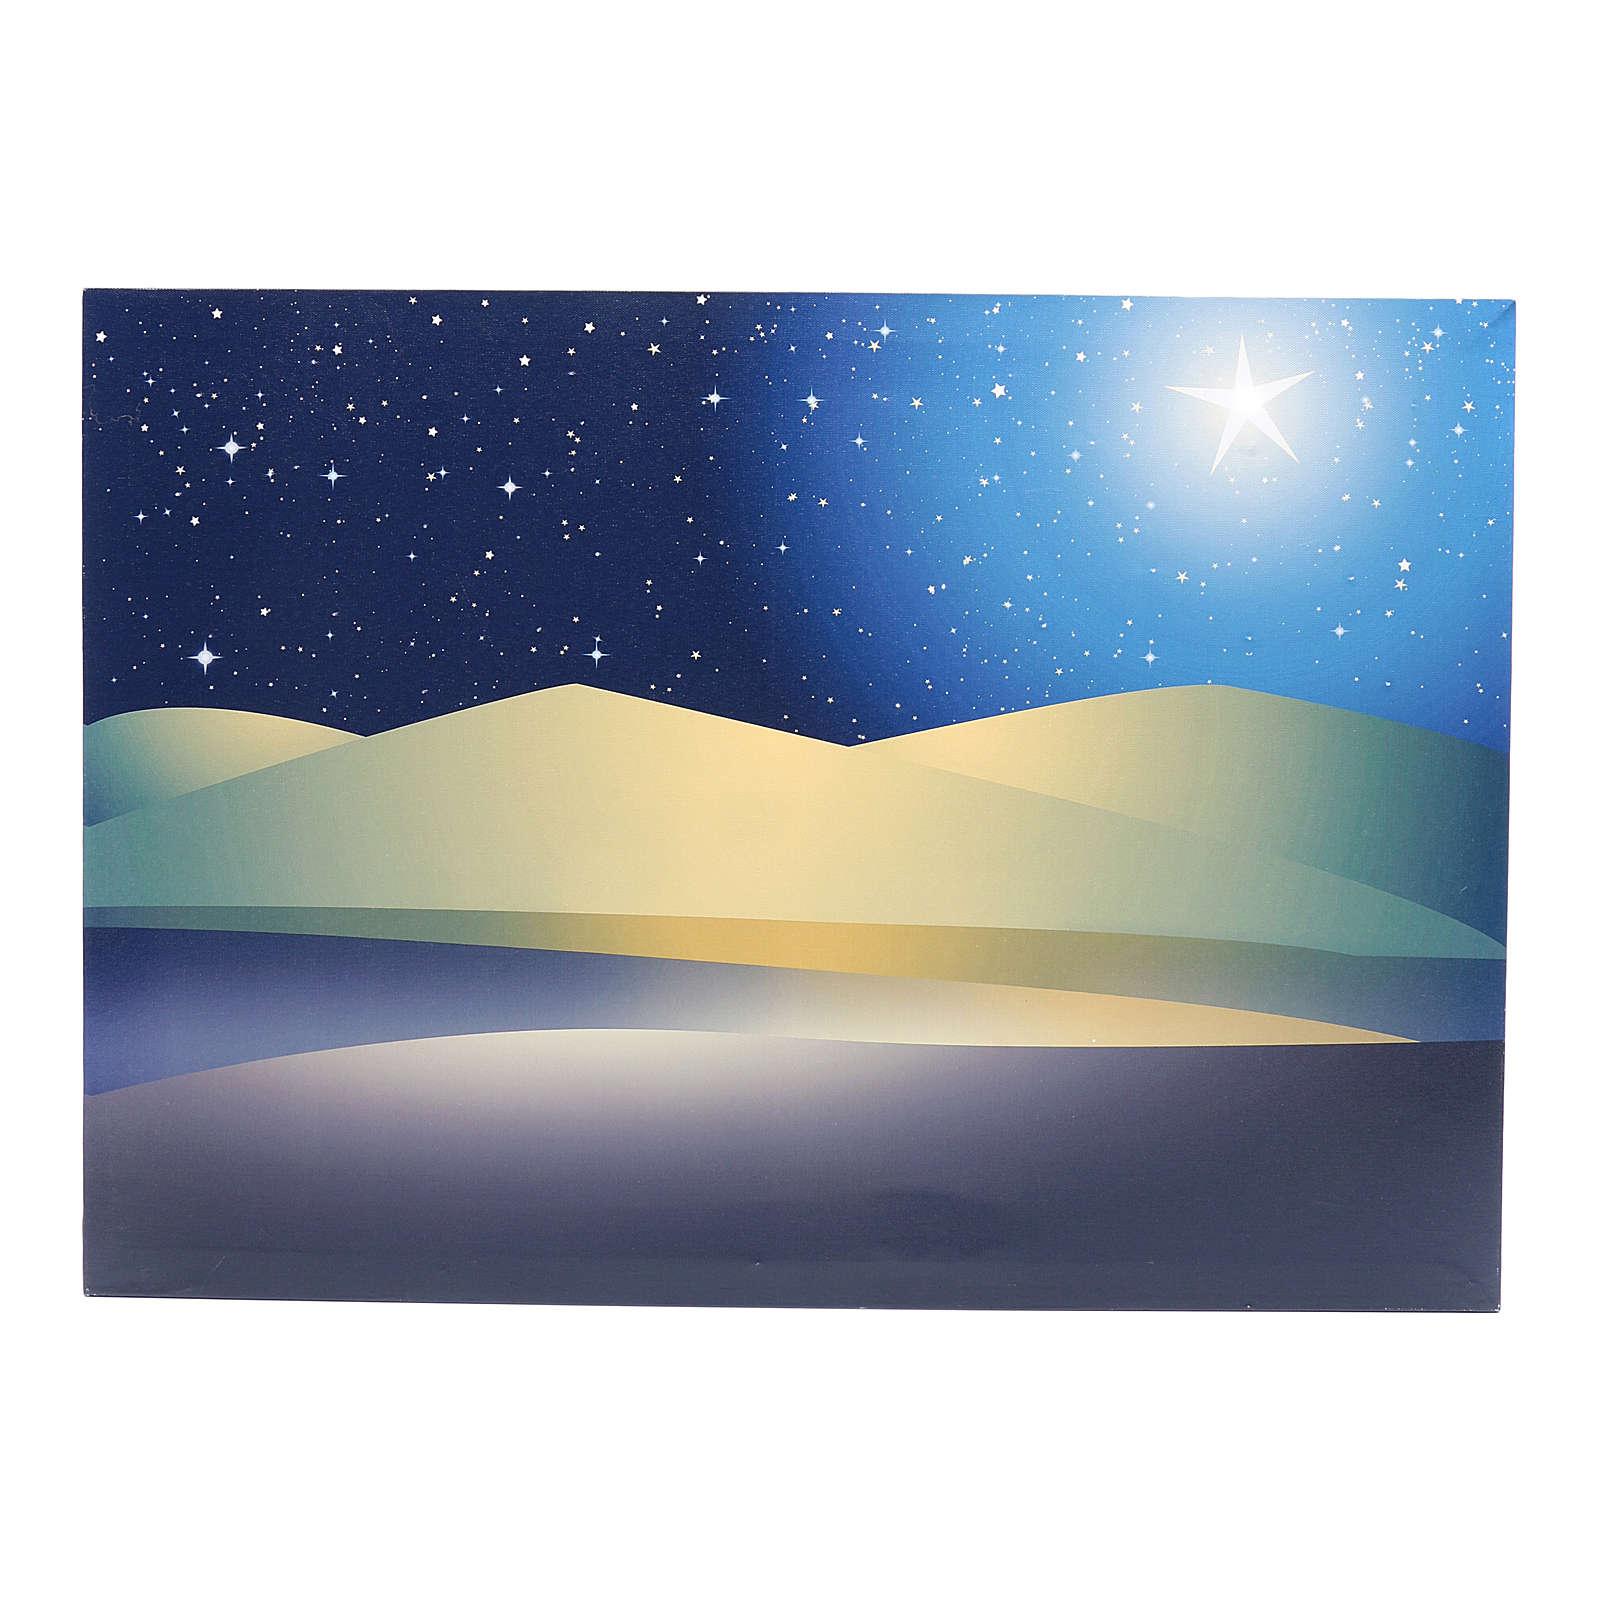 Fondo estrellas iluminadas led 50x70 cm 4